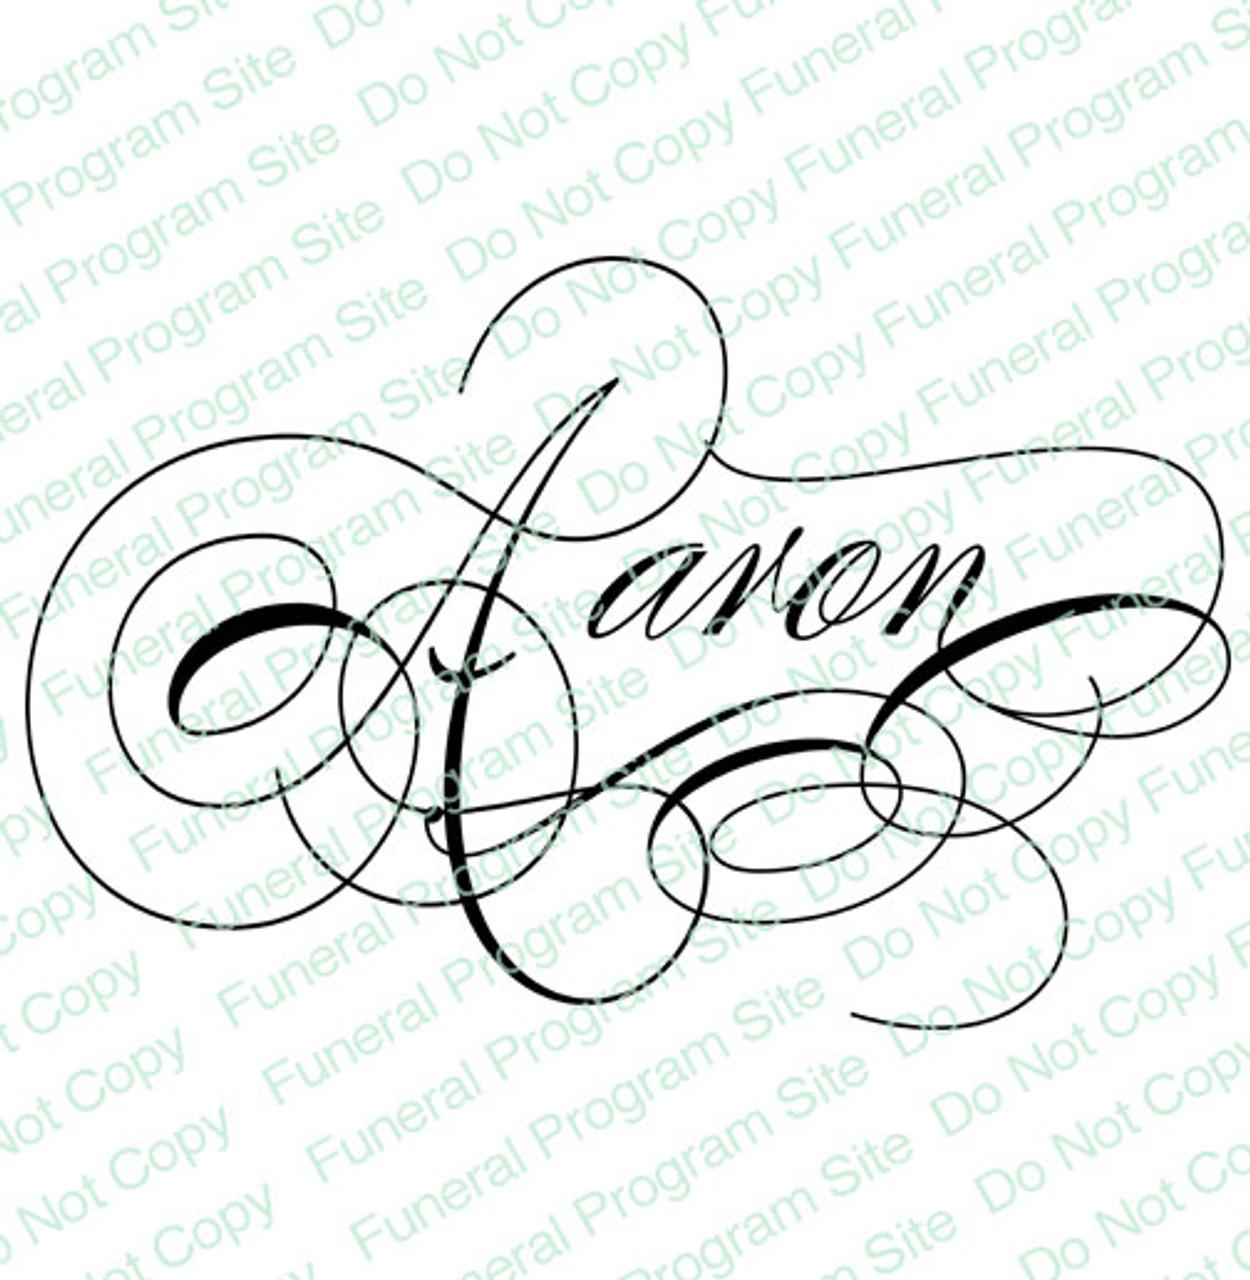 Aaron Word Art Name Design